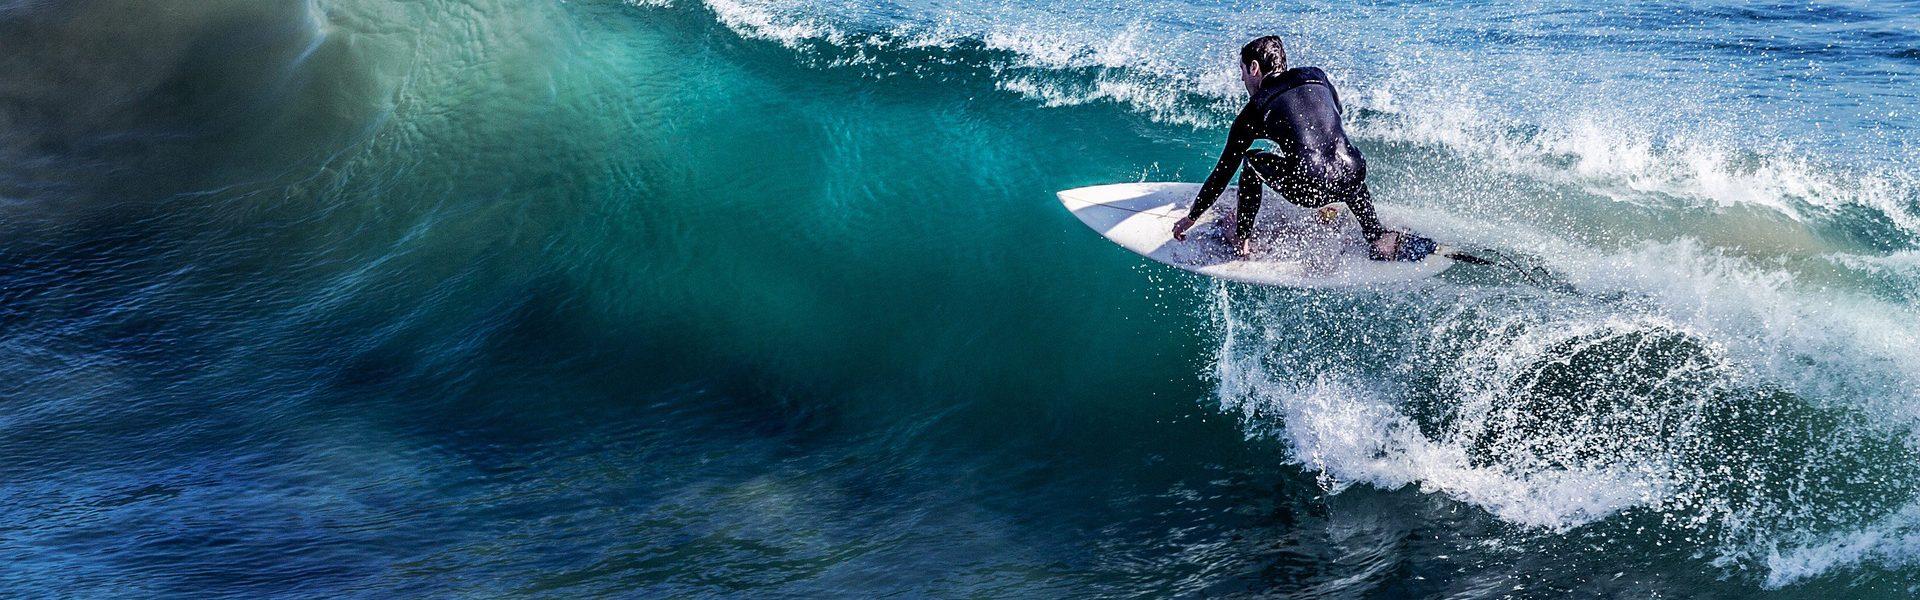 Header Bild Sicher surfen ist keine Wissenschaft